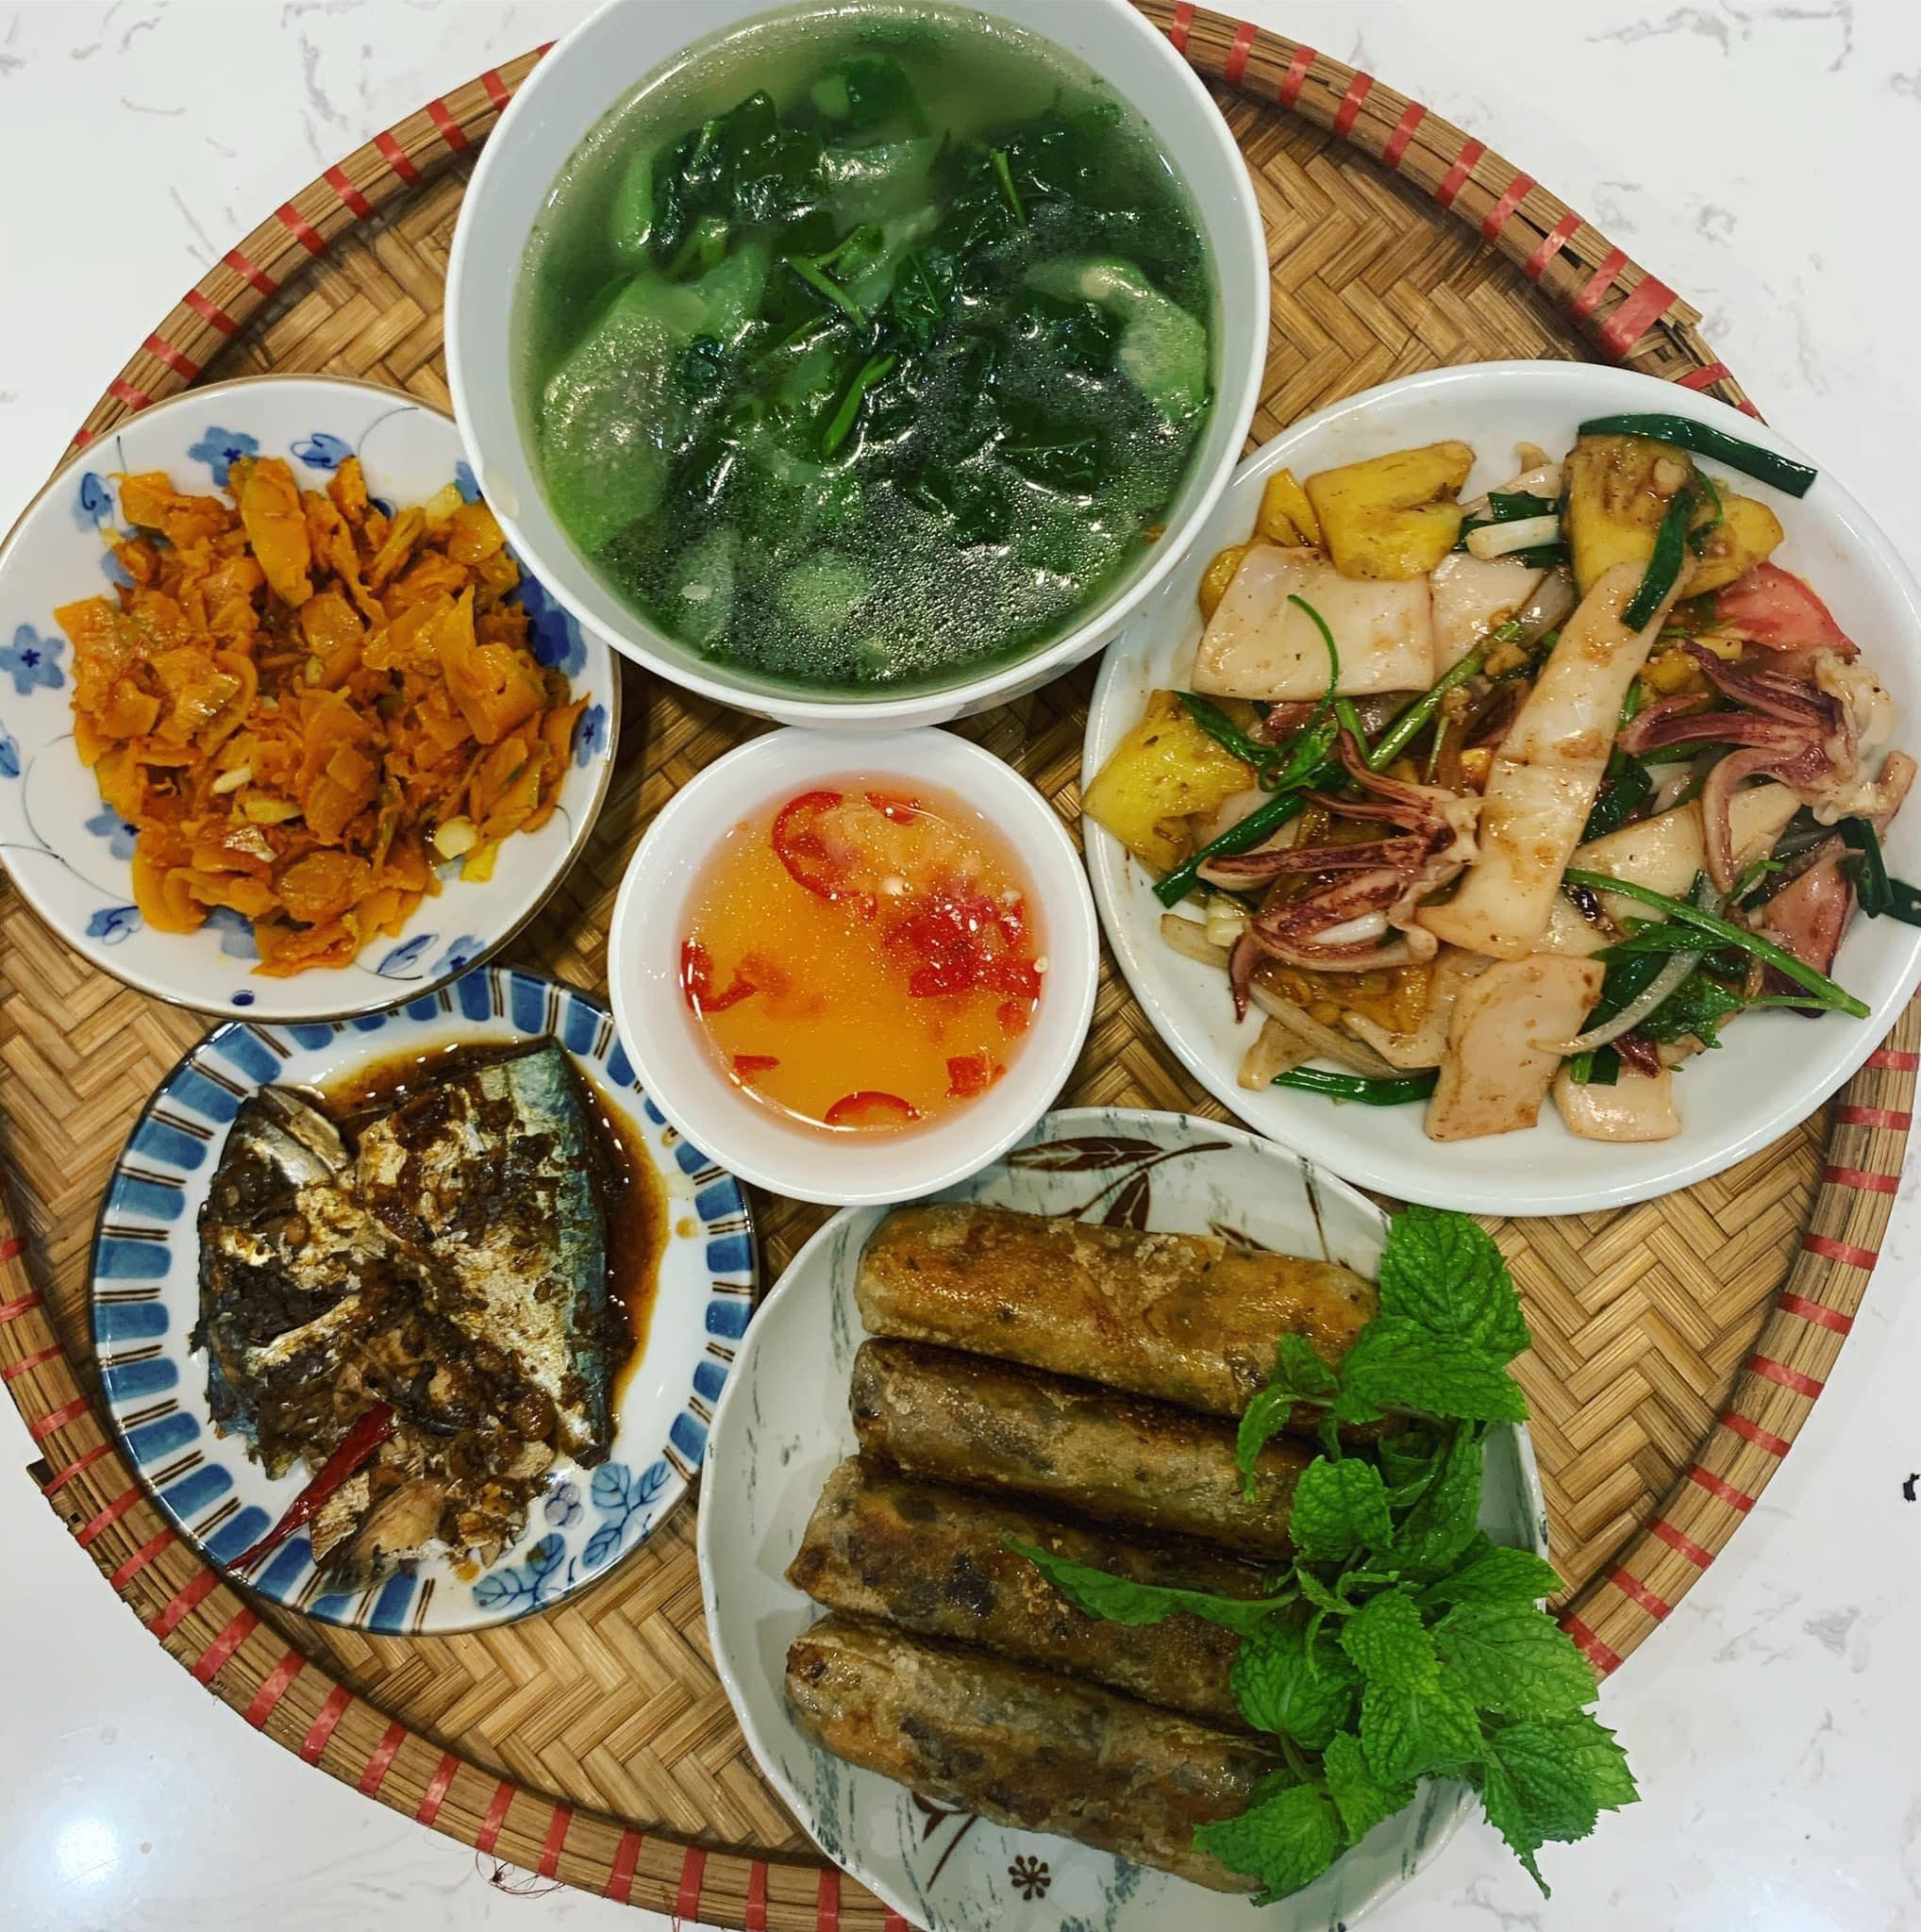 Chi phí chỉ từ 100k nhưng mỗi bữa cơm của bà nội trợ Hà Nội đều tươm tất đủ món thơm ngon, bổ dưỡng cho mọi thành viên gia đình - Ảnh 10.